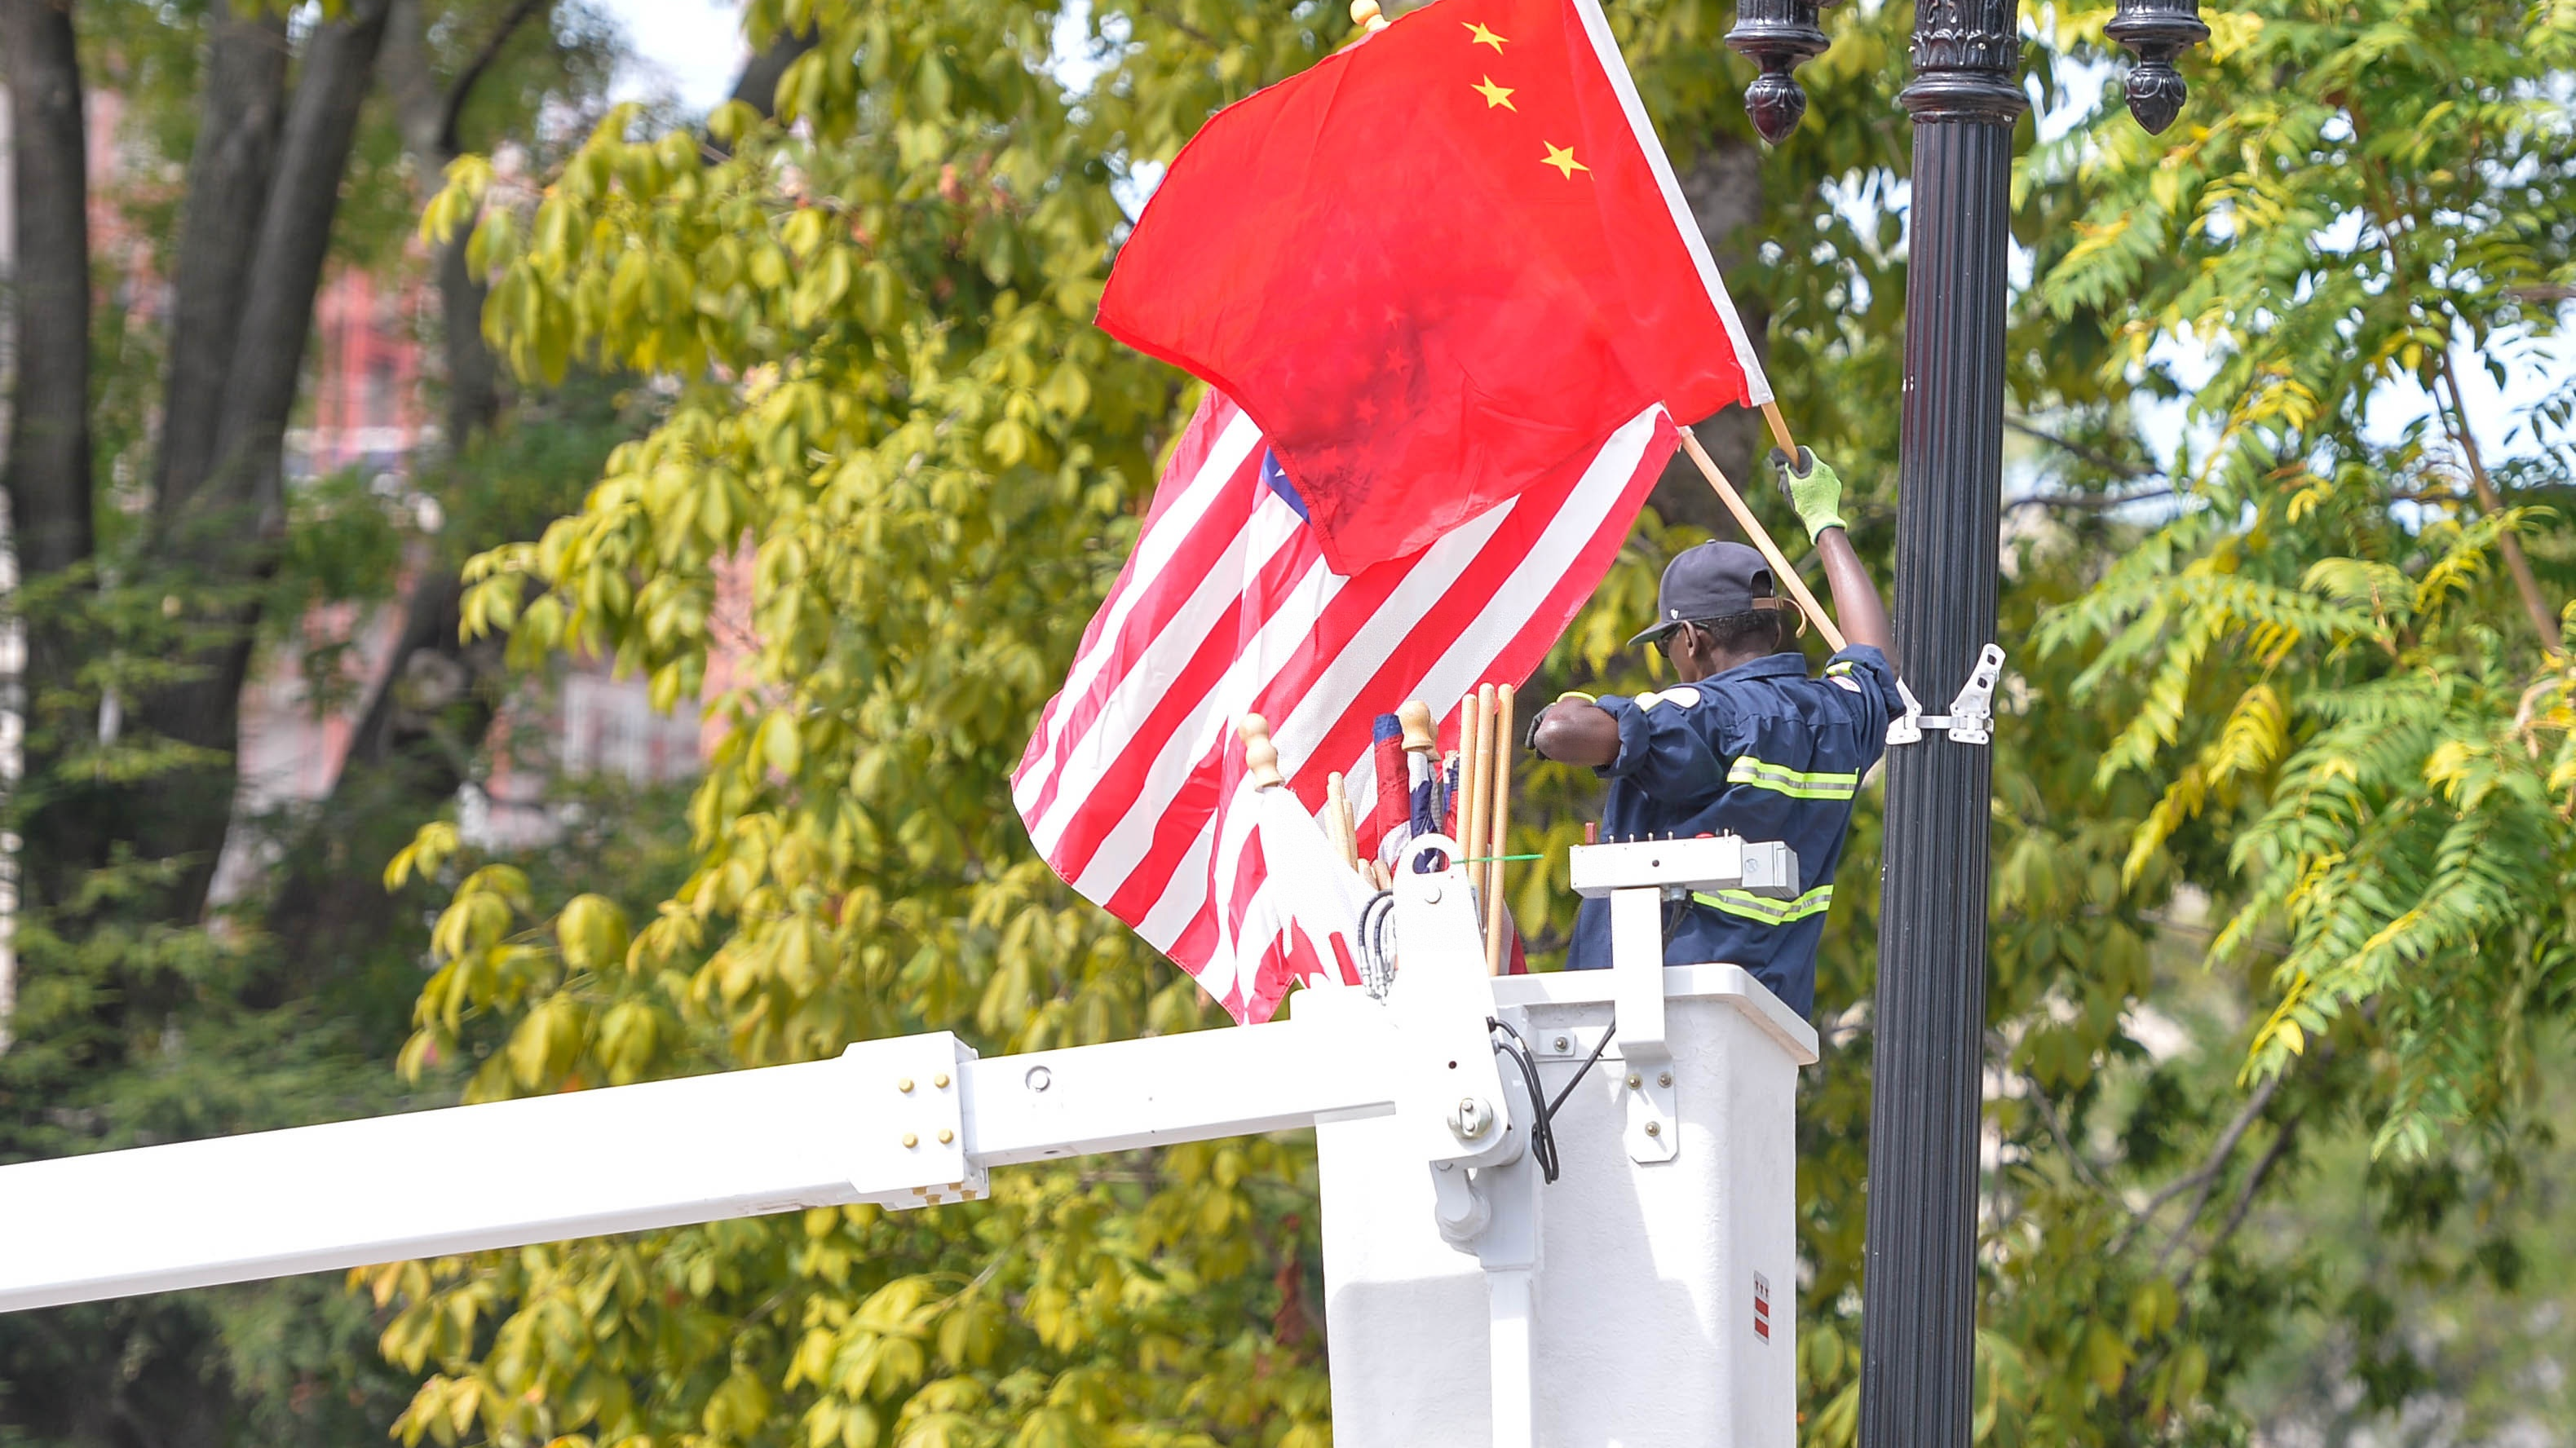 俄媒述评:中国释放中美关系重回轨道善意